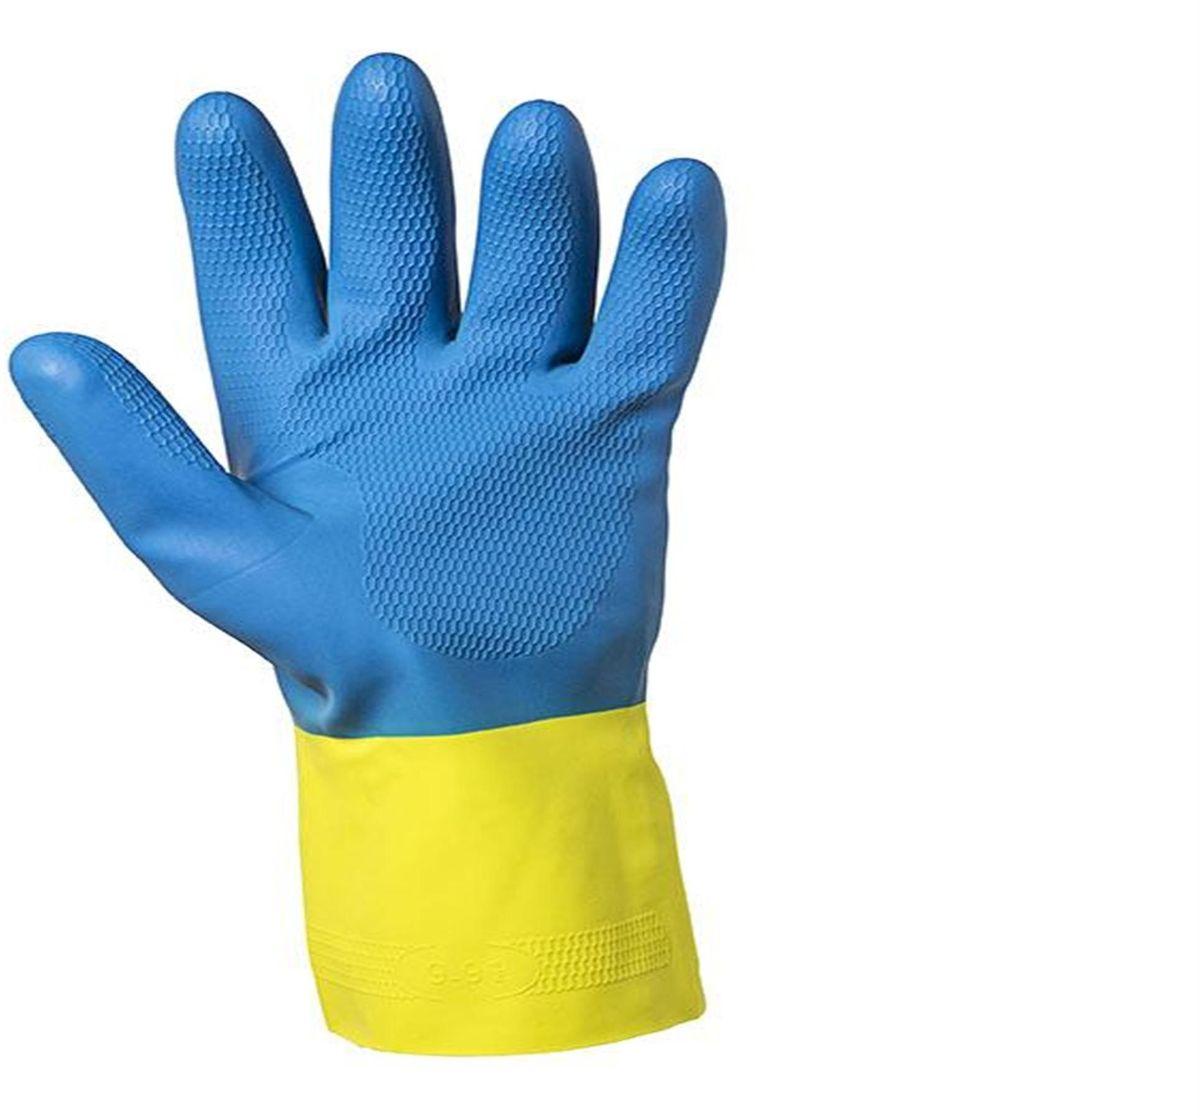 Перчатки хозяйственные Jackson Safety G80, цвет: желтый, голубой. Размер 9 (L). 3874338743Защитные перчатки JACKSON SAFETY® G80 латекс/неопрен для защиты от химических веществ подходят для целого спектра областей применения: обеспечивают надежную защиту от воздействия химических веществ. Относятся к СИЗ категории III (CE Complex), а также обеспечивают защиту от механического воздействия в тех областях, где работают с химическими веществами, маслами, густыми смазками, кислотами, каустическими средствами или растворителями. Разрешен контакт с пищевыми продуктами. Поставляются в виде пары перчаток с индивидуальным дизайном для левой и правой руки; толщина 0,70 мм; имеют неопреновое покрытие поверх латекса для обеспечения максимальной защиты, а также для улучшения гибкости материала. Удлиненные манжеты, текстурированный материал в области ладони обеспечивает отличный захват при работе сухими/влажными поверхностями; хлопковое напыление на внутренней стороне перчатки обеспечивает легкость при надевании/снятии перчатки, а также комфорт при длительном использовании. Хлорированы...